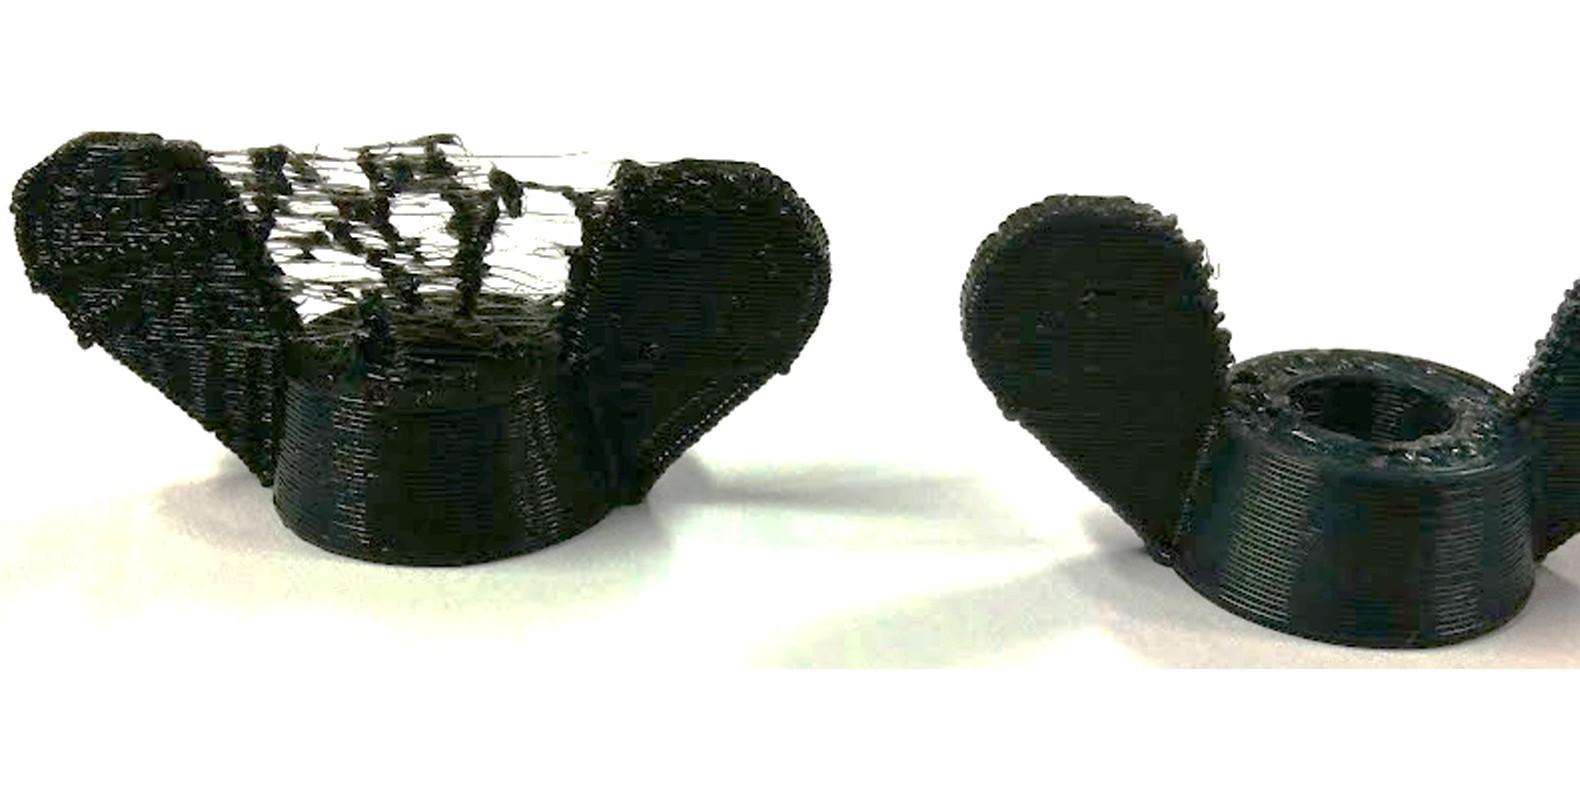 oozing_3D_printing.jpg